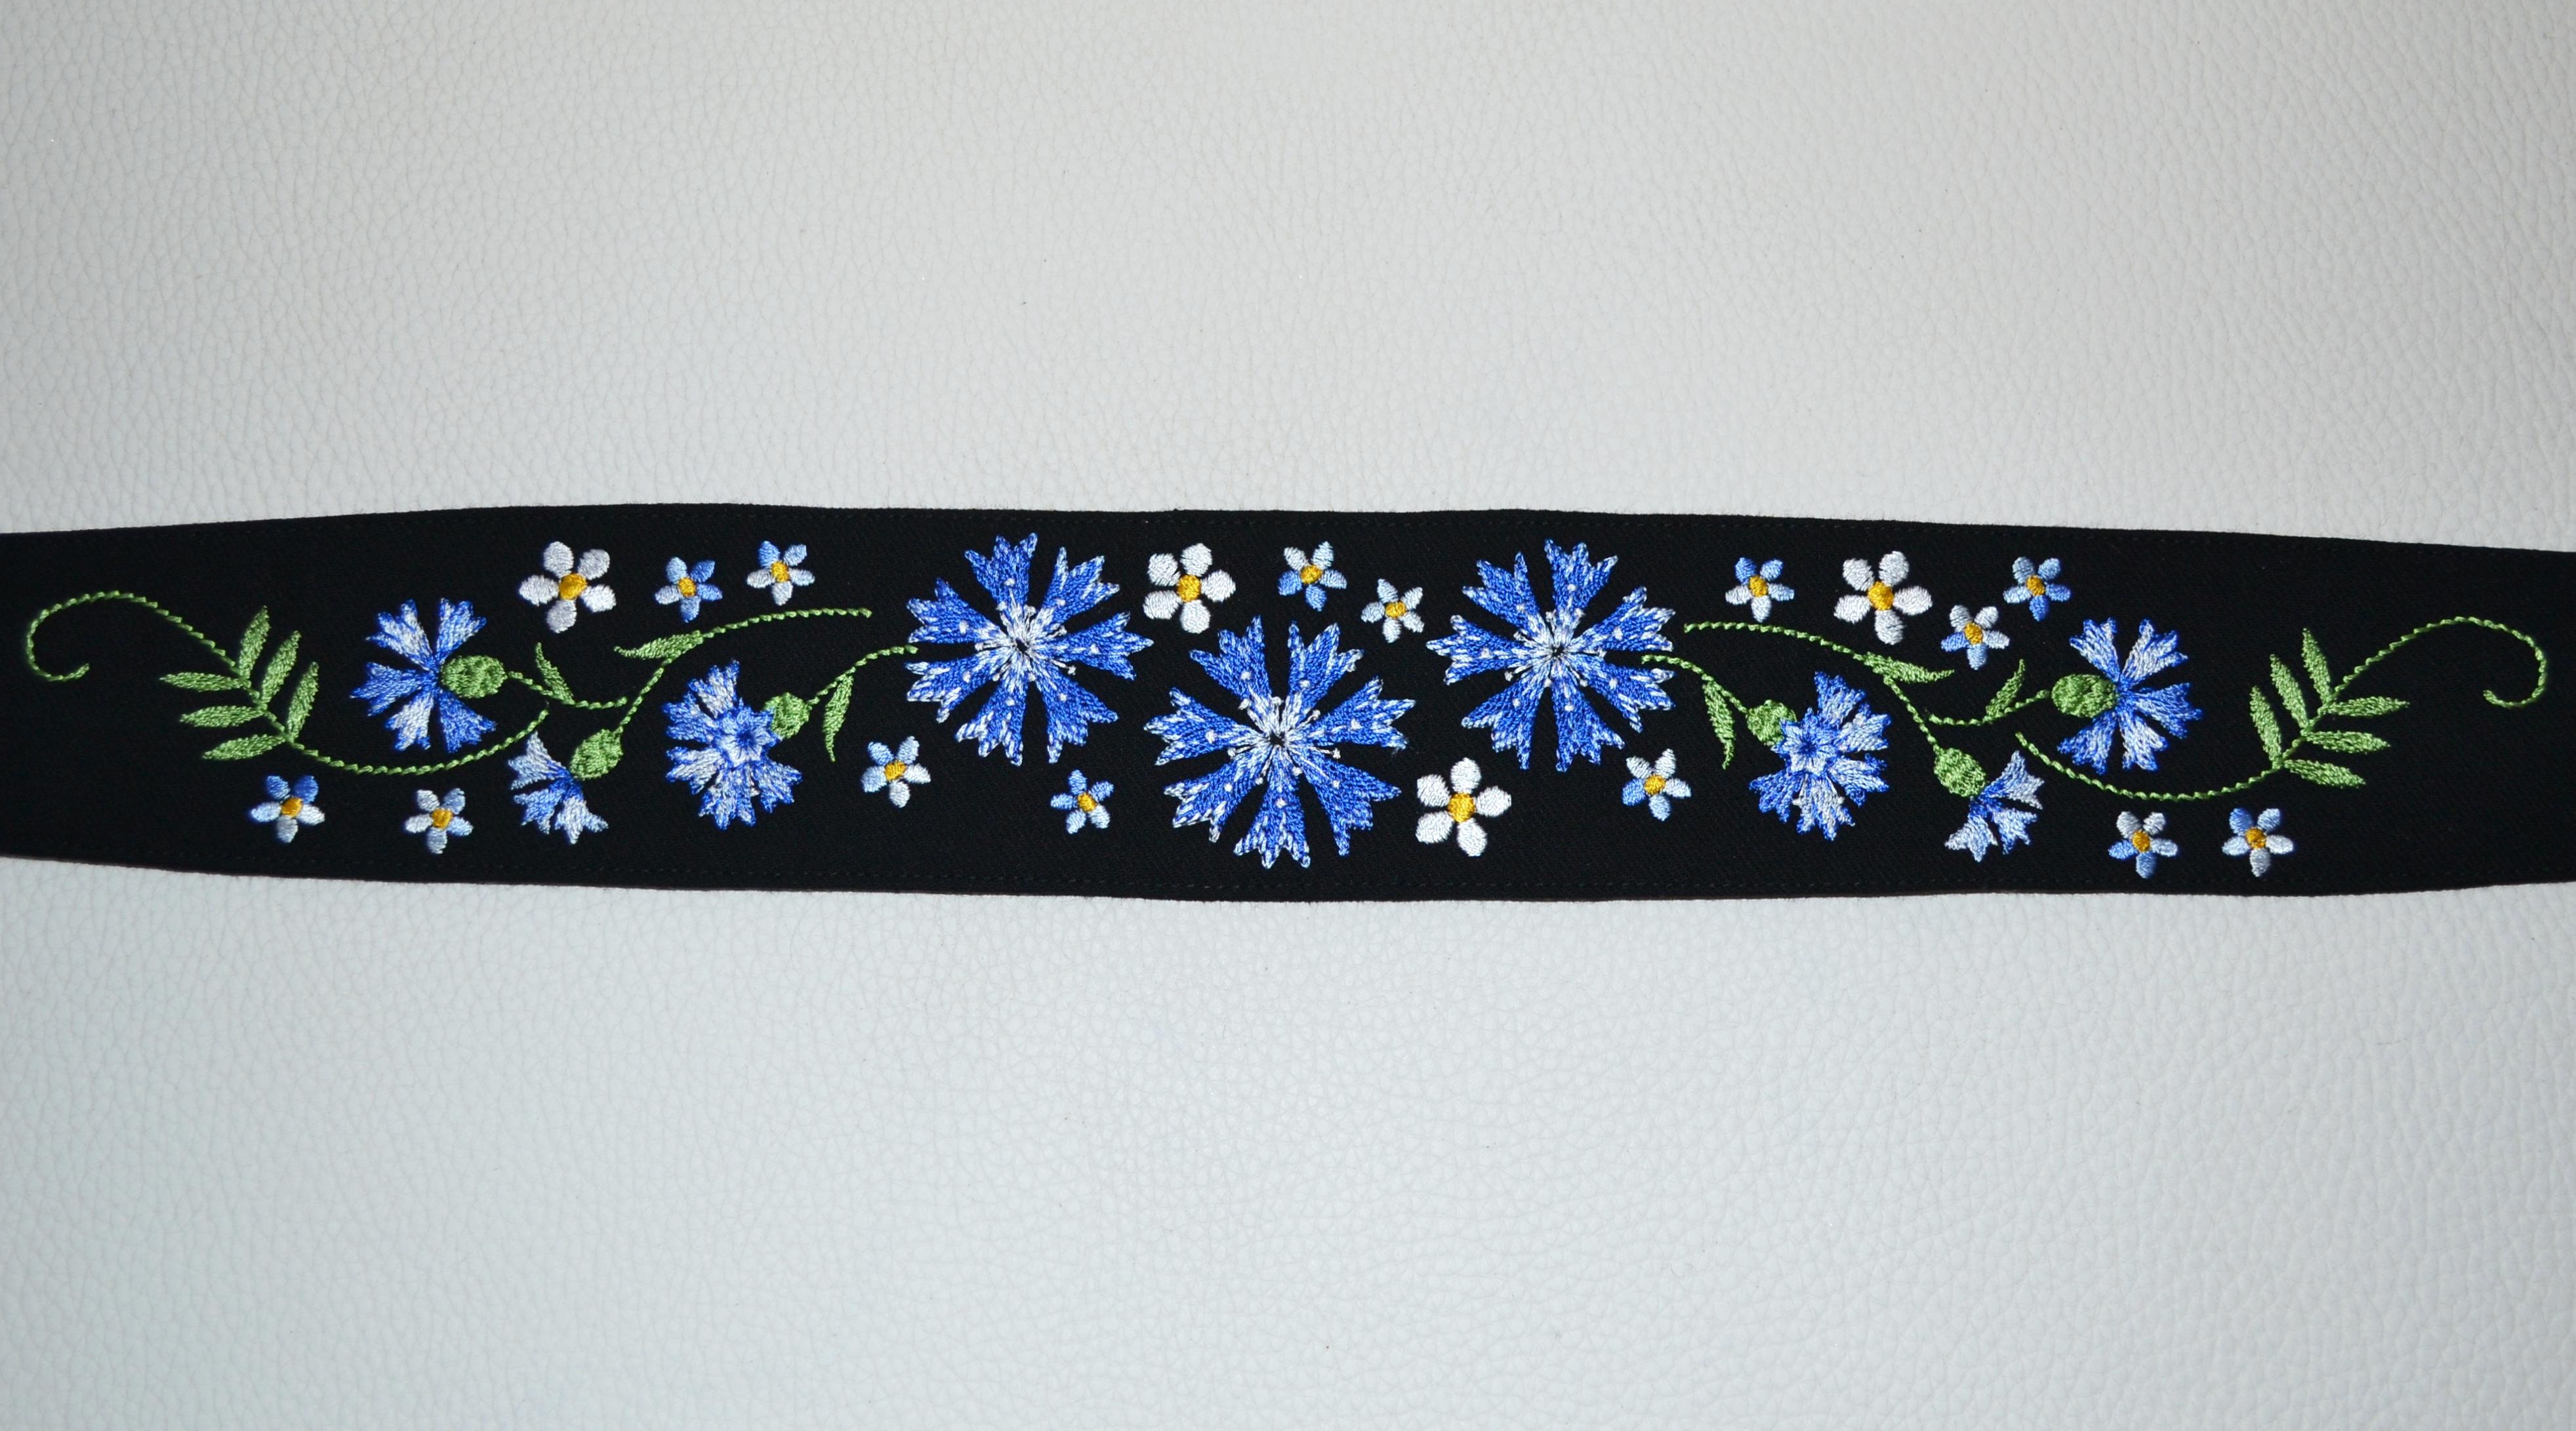 rukkilille_tikand_EyreStudio_embroidery_